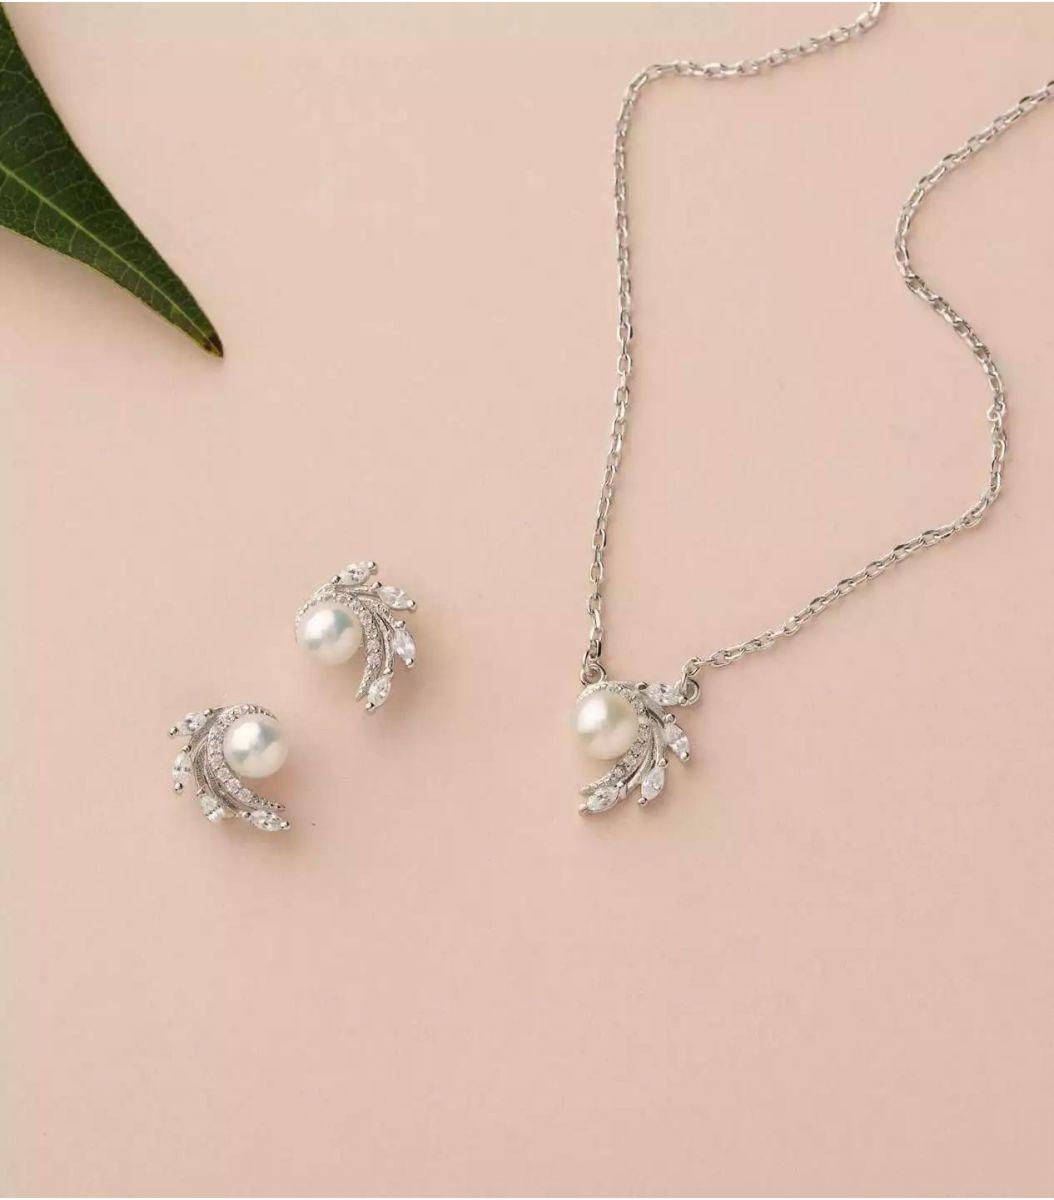 Silver Pearl Pendant Set (Rose Polish) FJ1800823